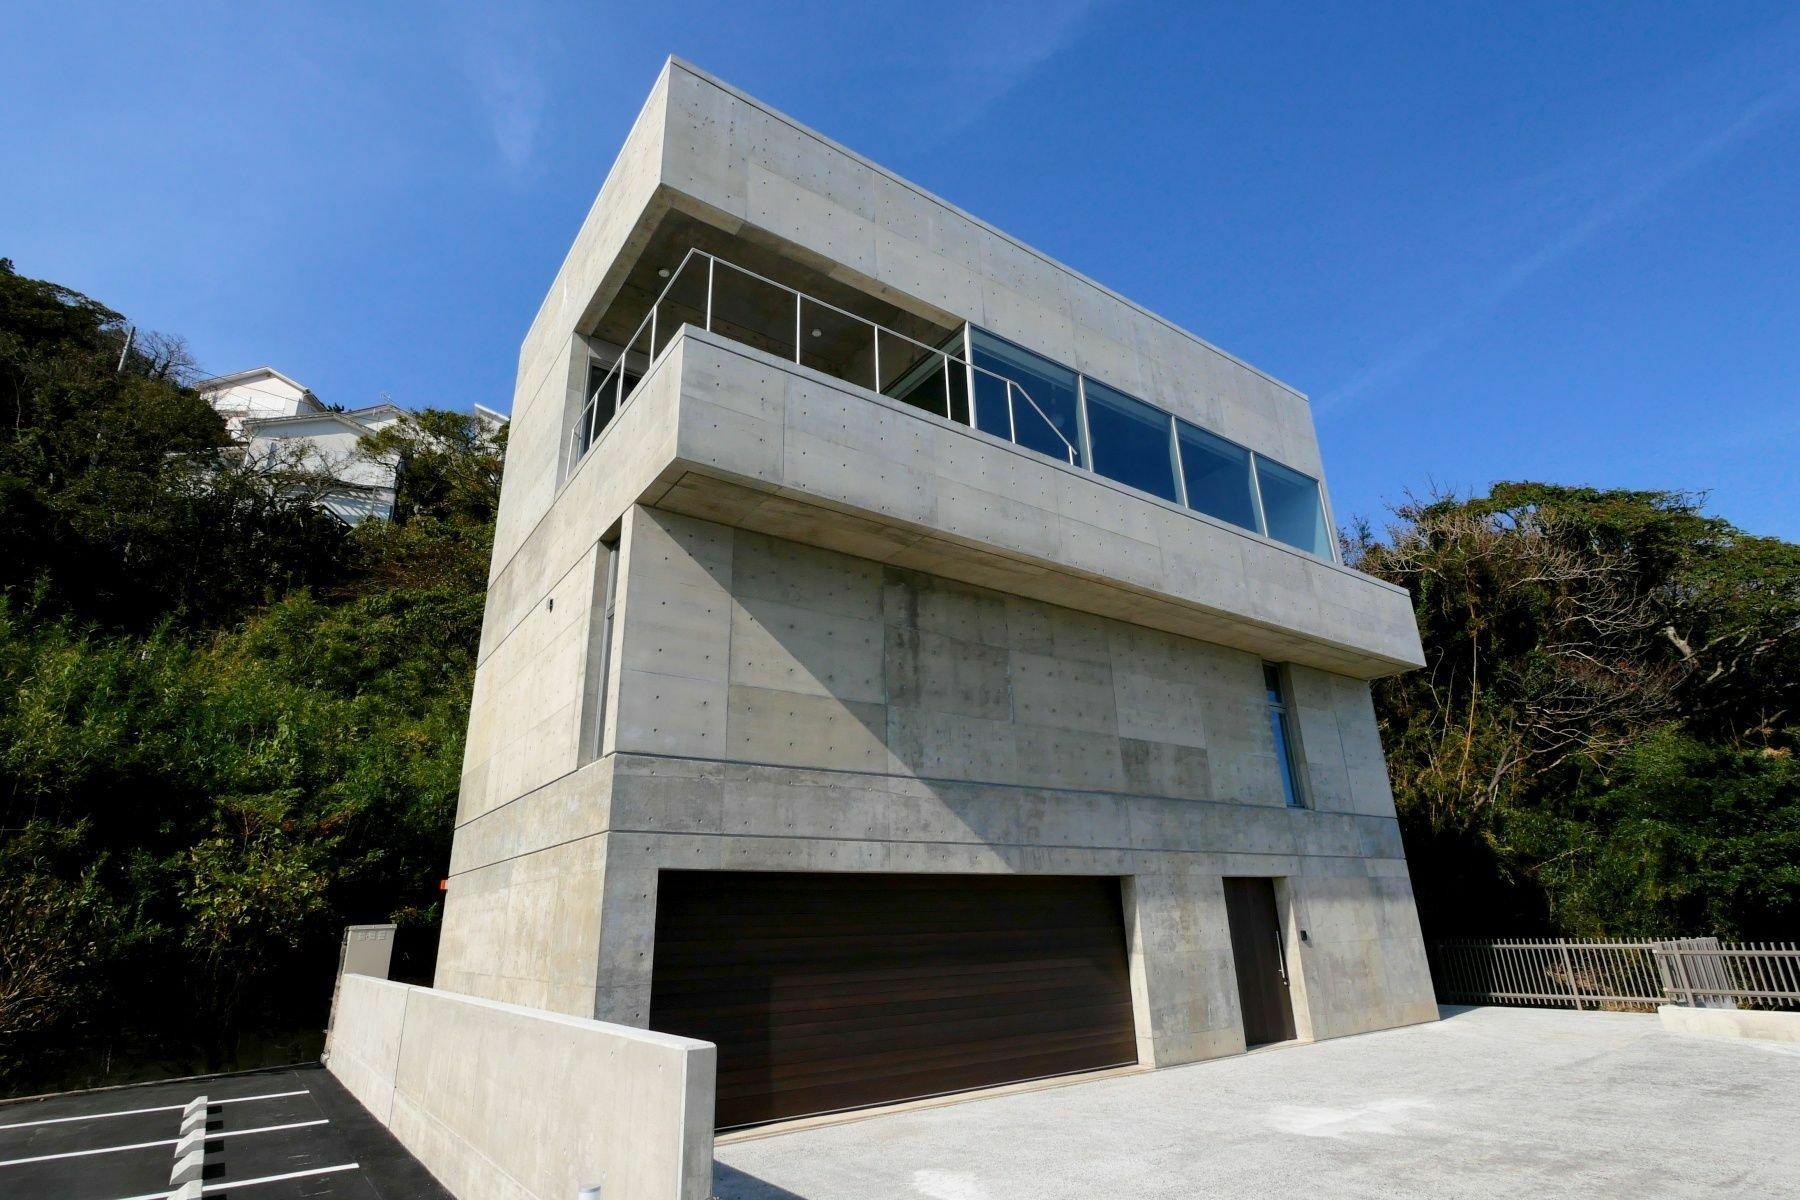 House in Shirahama, Shizuoka, Japan 1